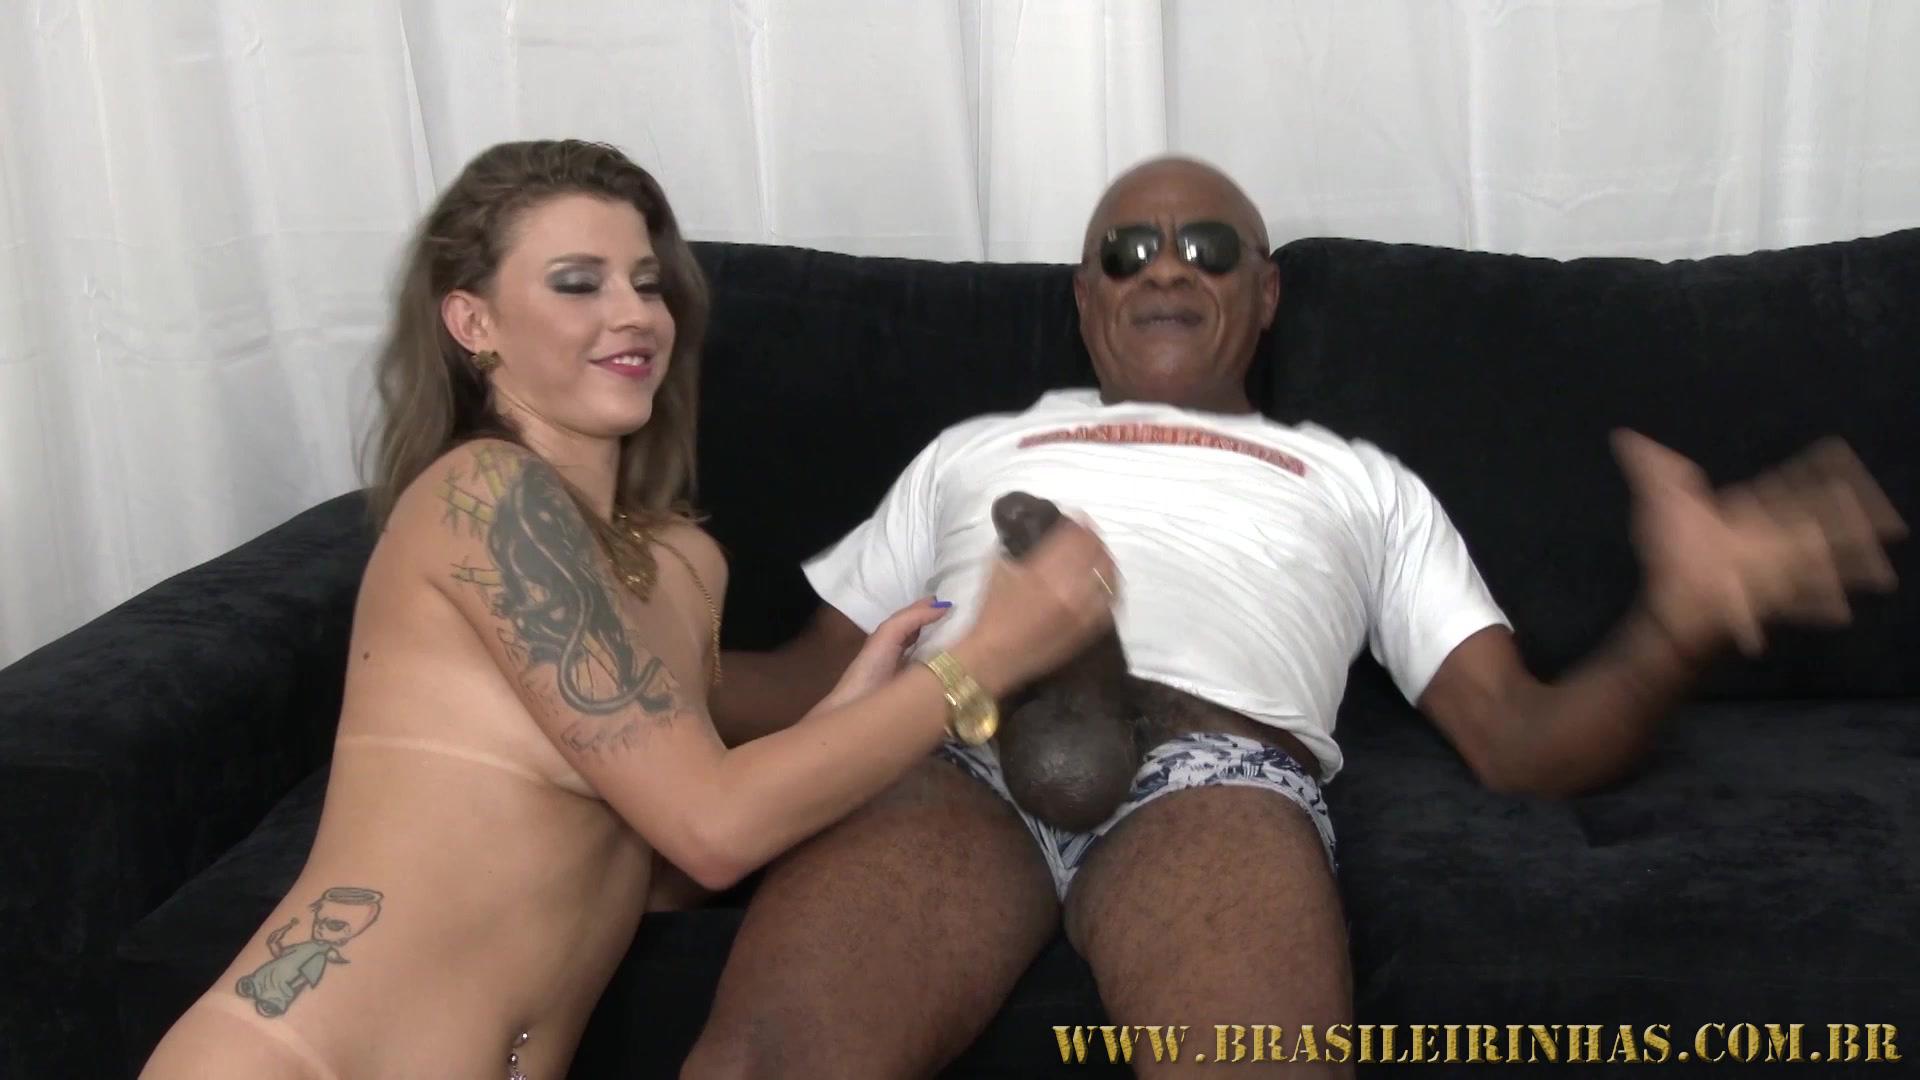 A gostosa elisa sanches e suas amigas em cenas de sexo - 5 10